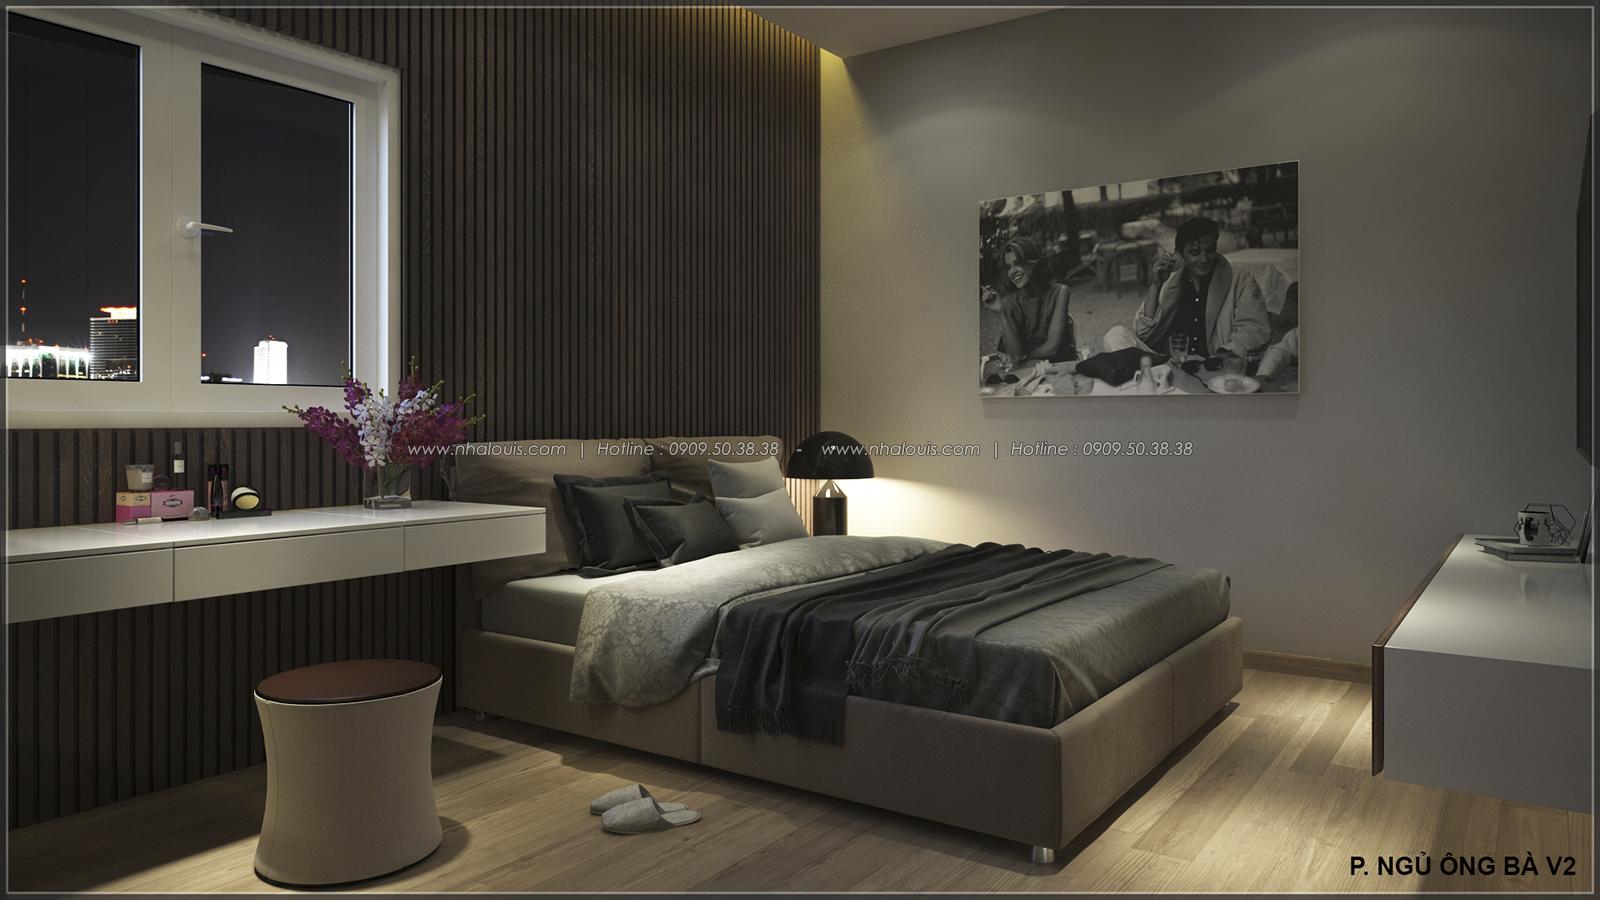 Phòng ngủ thiết kế nhà ống mặt tiền 5m của chị Linh quận 6 - 16